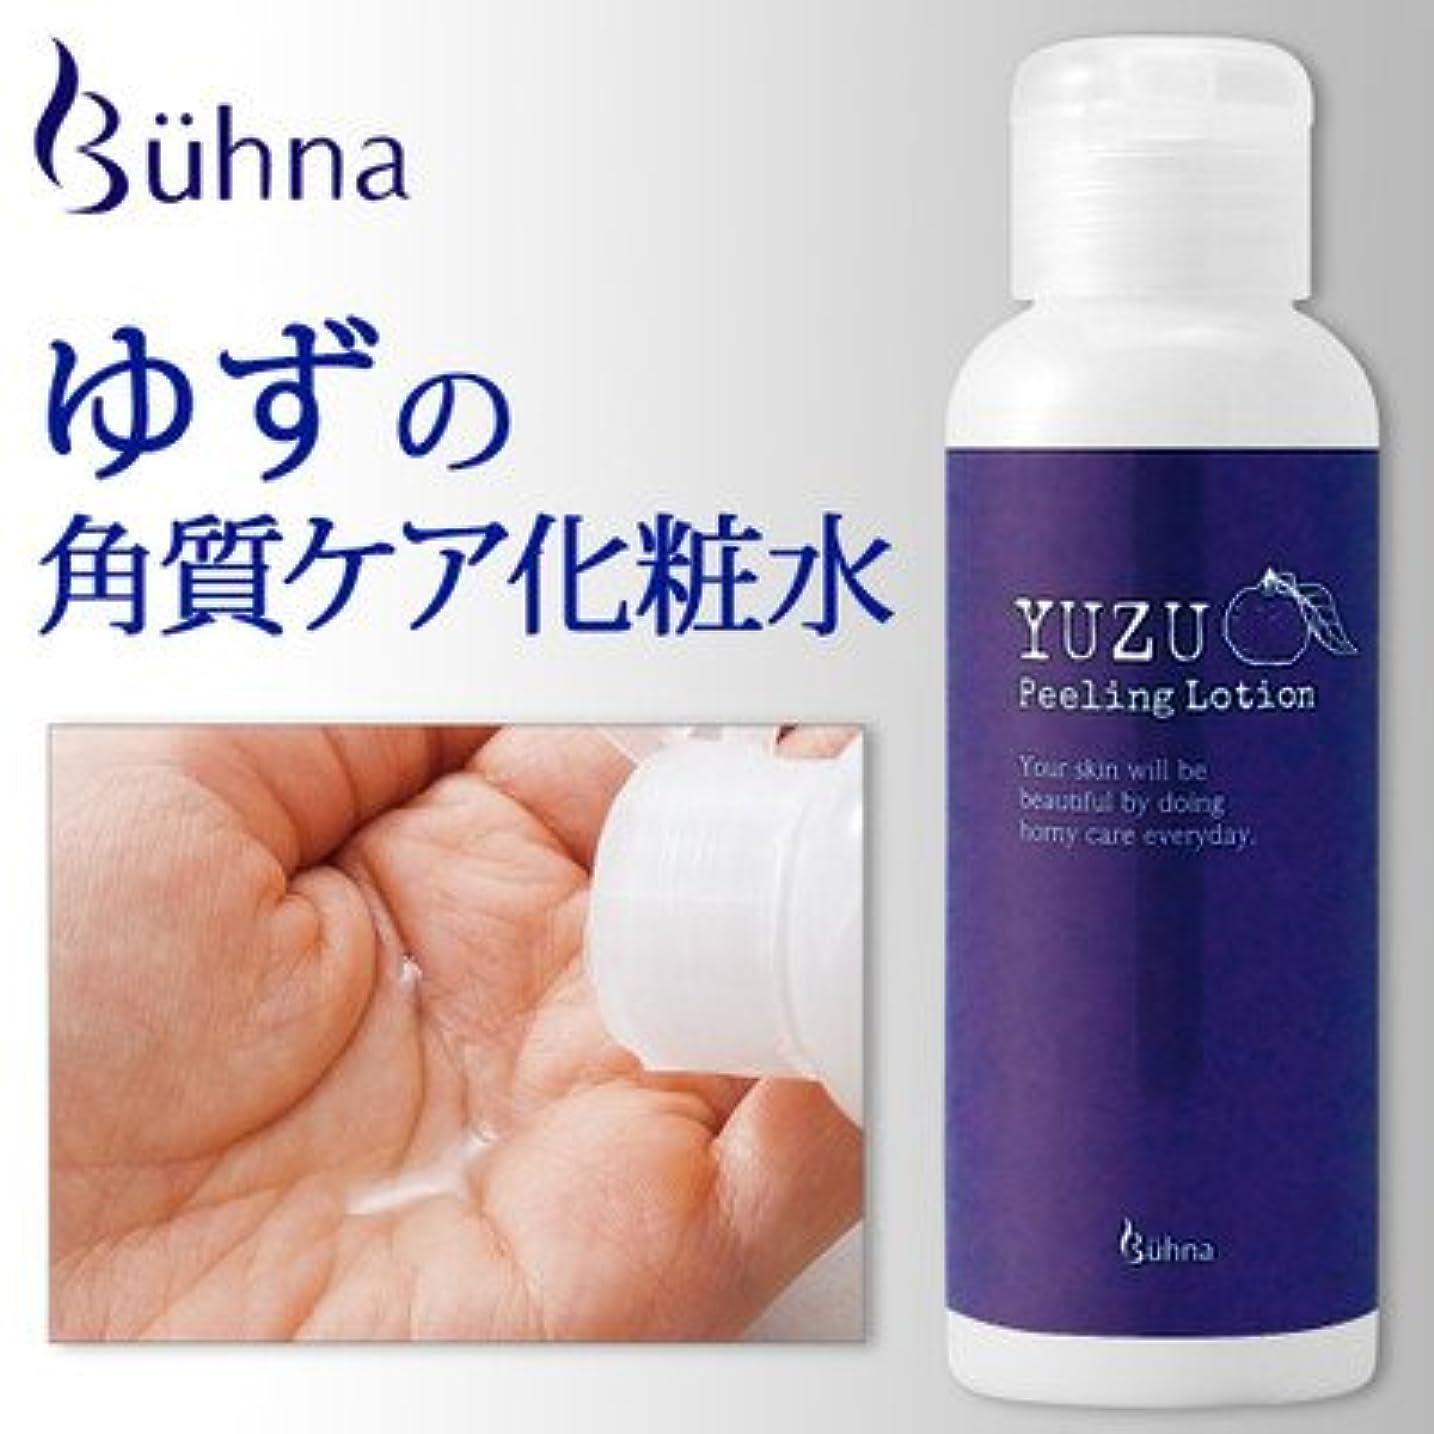 ロースト前置詞ダウンお肌にやさしい角質ケア ビューナ ゆずの角質ケア化粧水